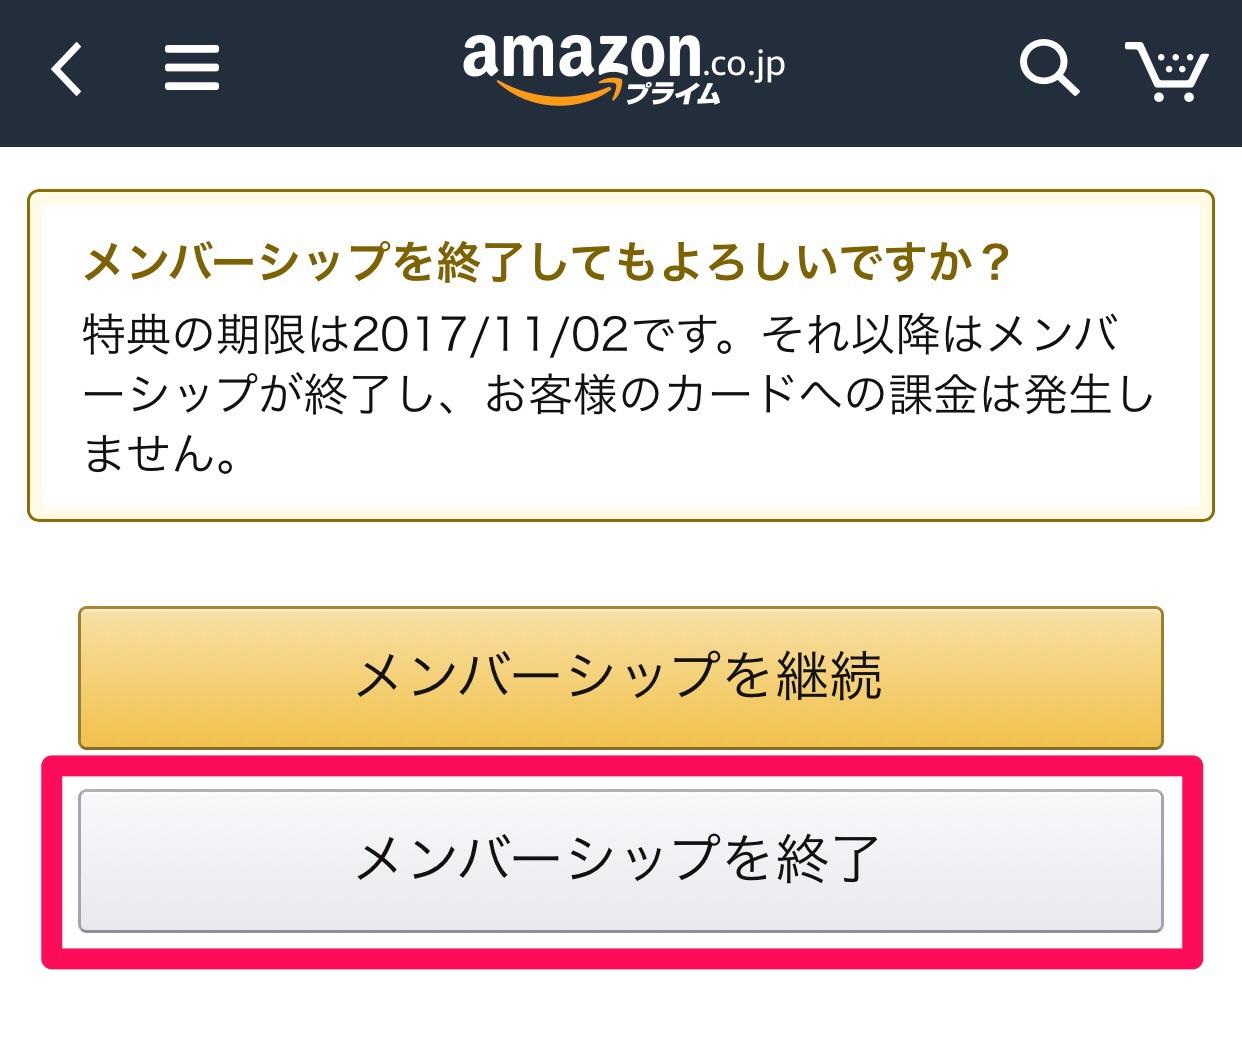 4b614f7a3f114  Amazon Kindle unlimitedを解約する手順